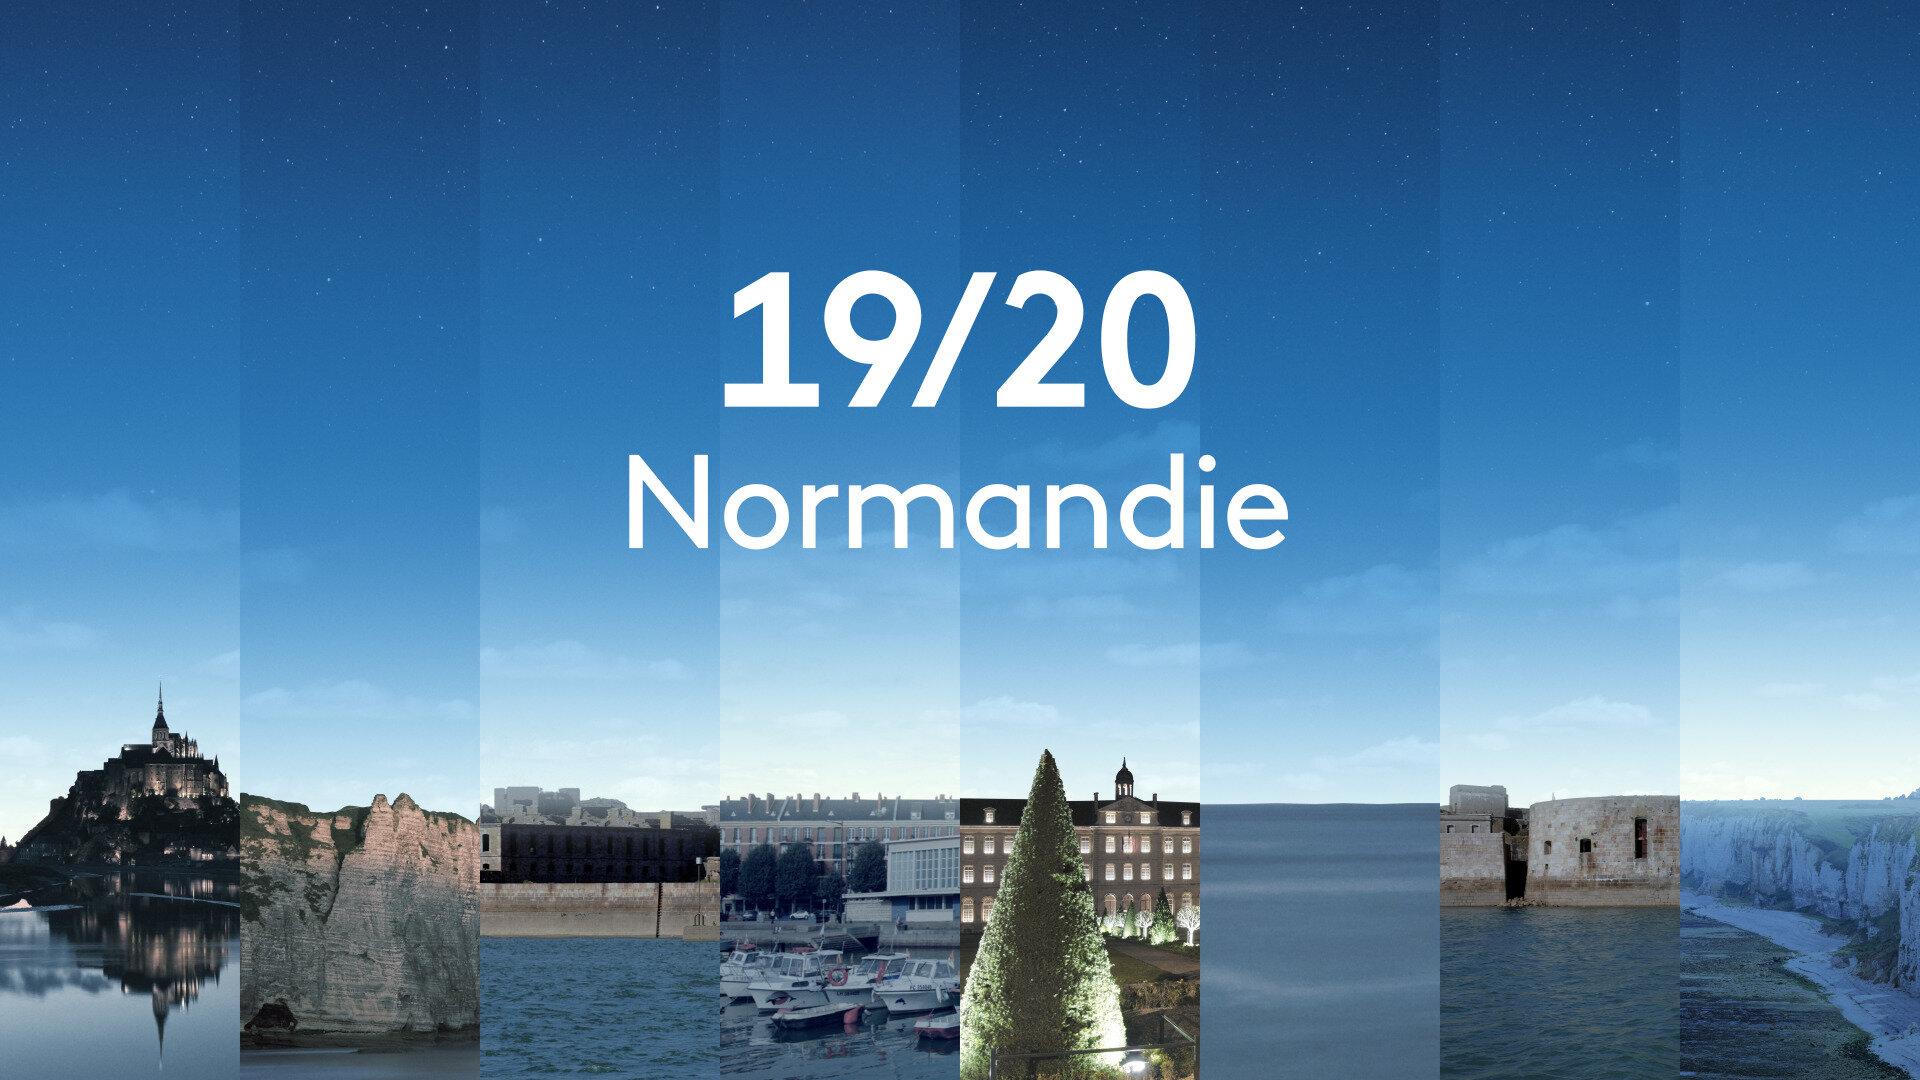 19/20 Normandie : Sur la route des ânes normands avec Amandine Pinault